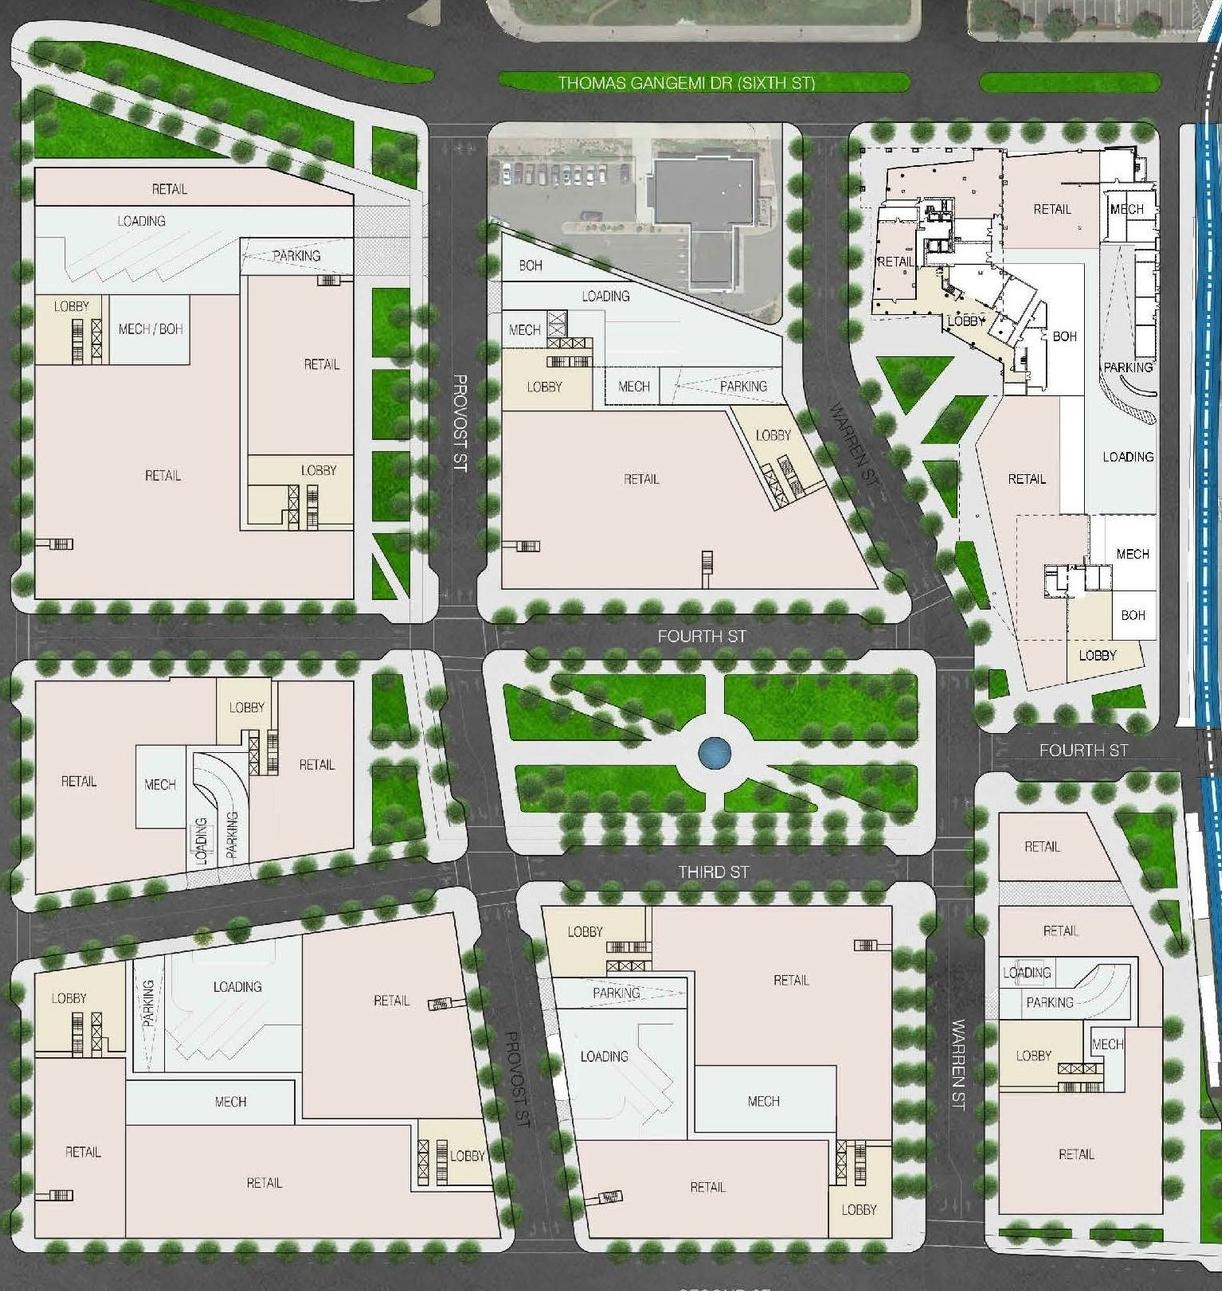 Jersey City Master Plan Site Plan.jpg